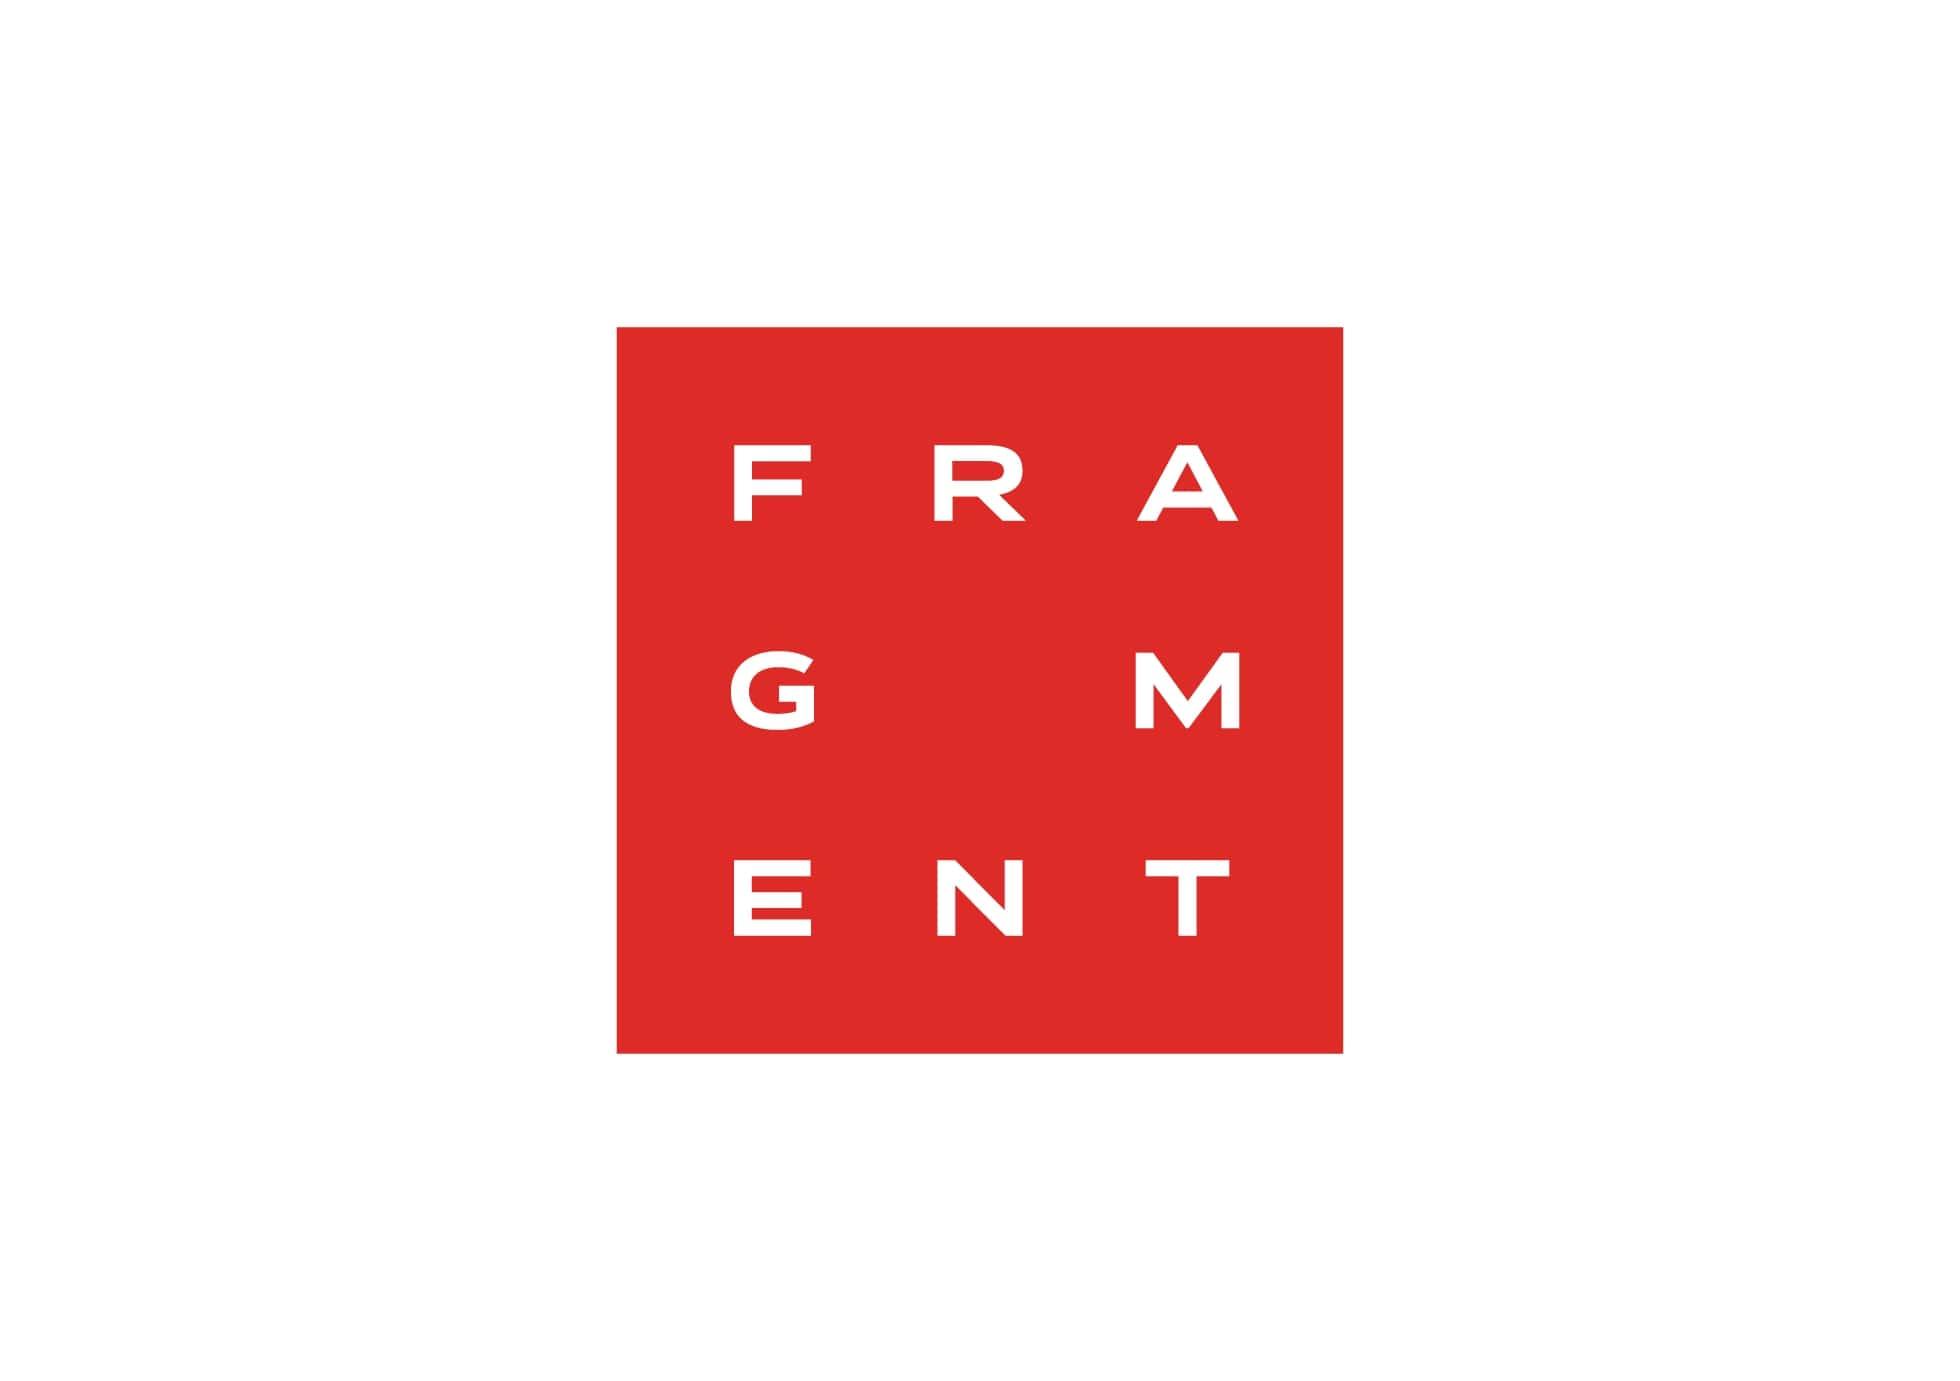 residential_fragmnt_logo_red